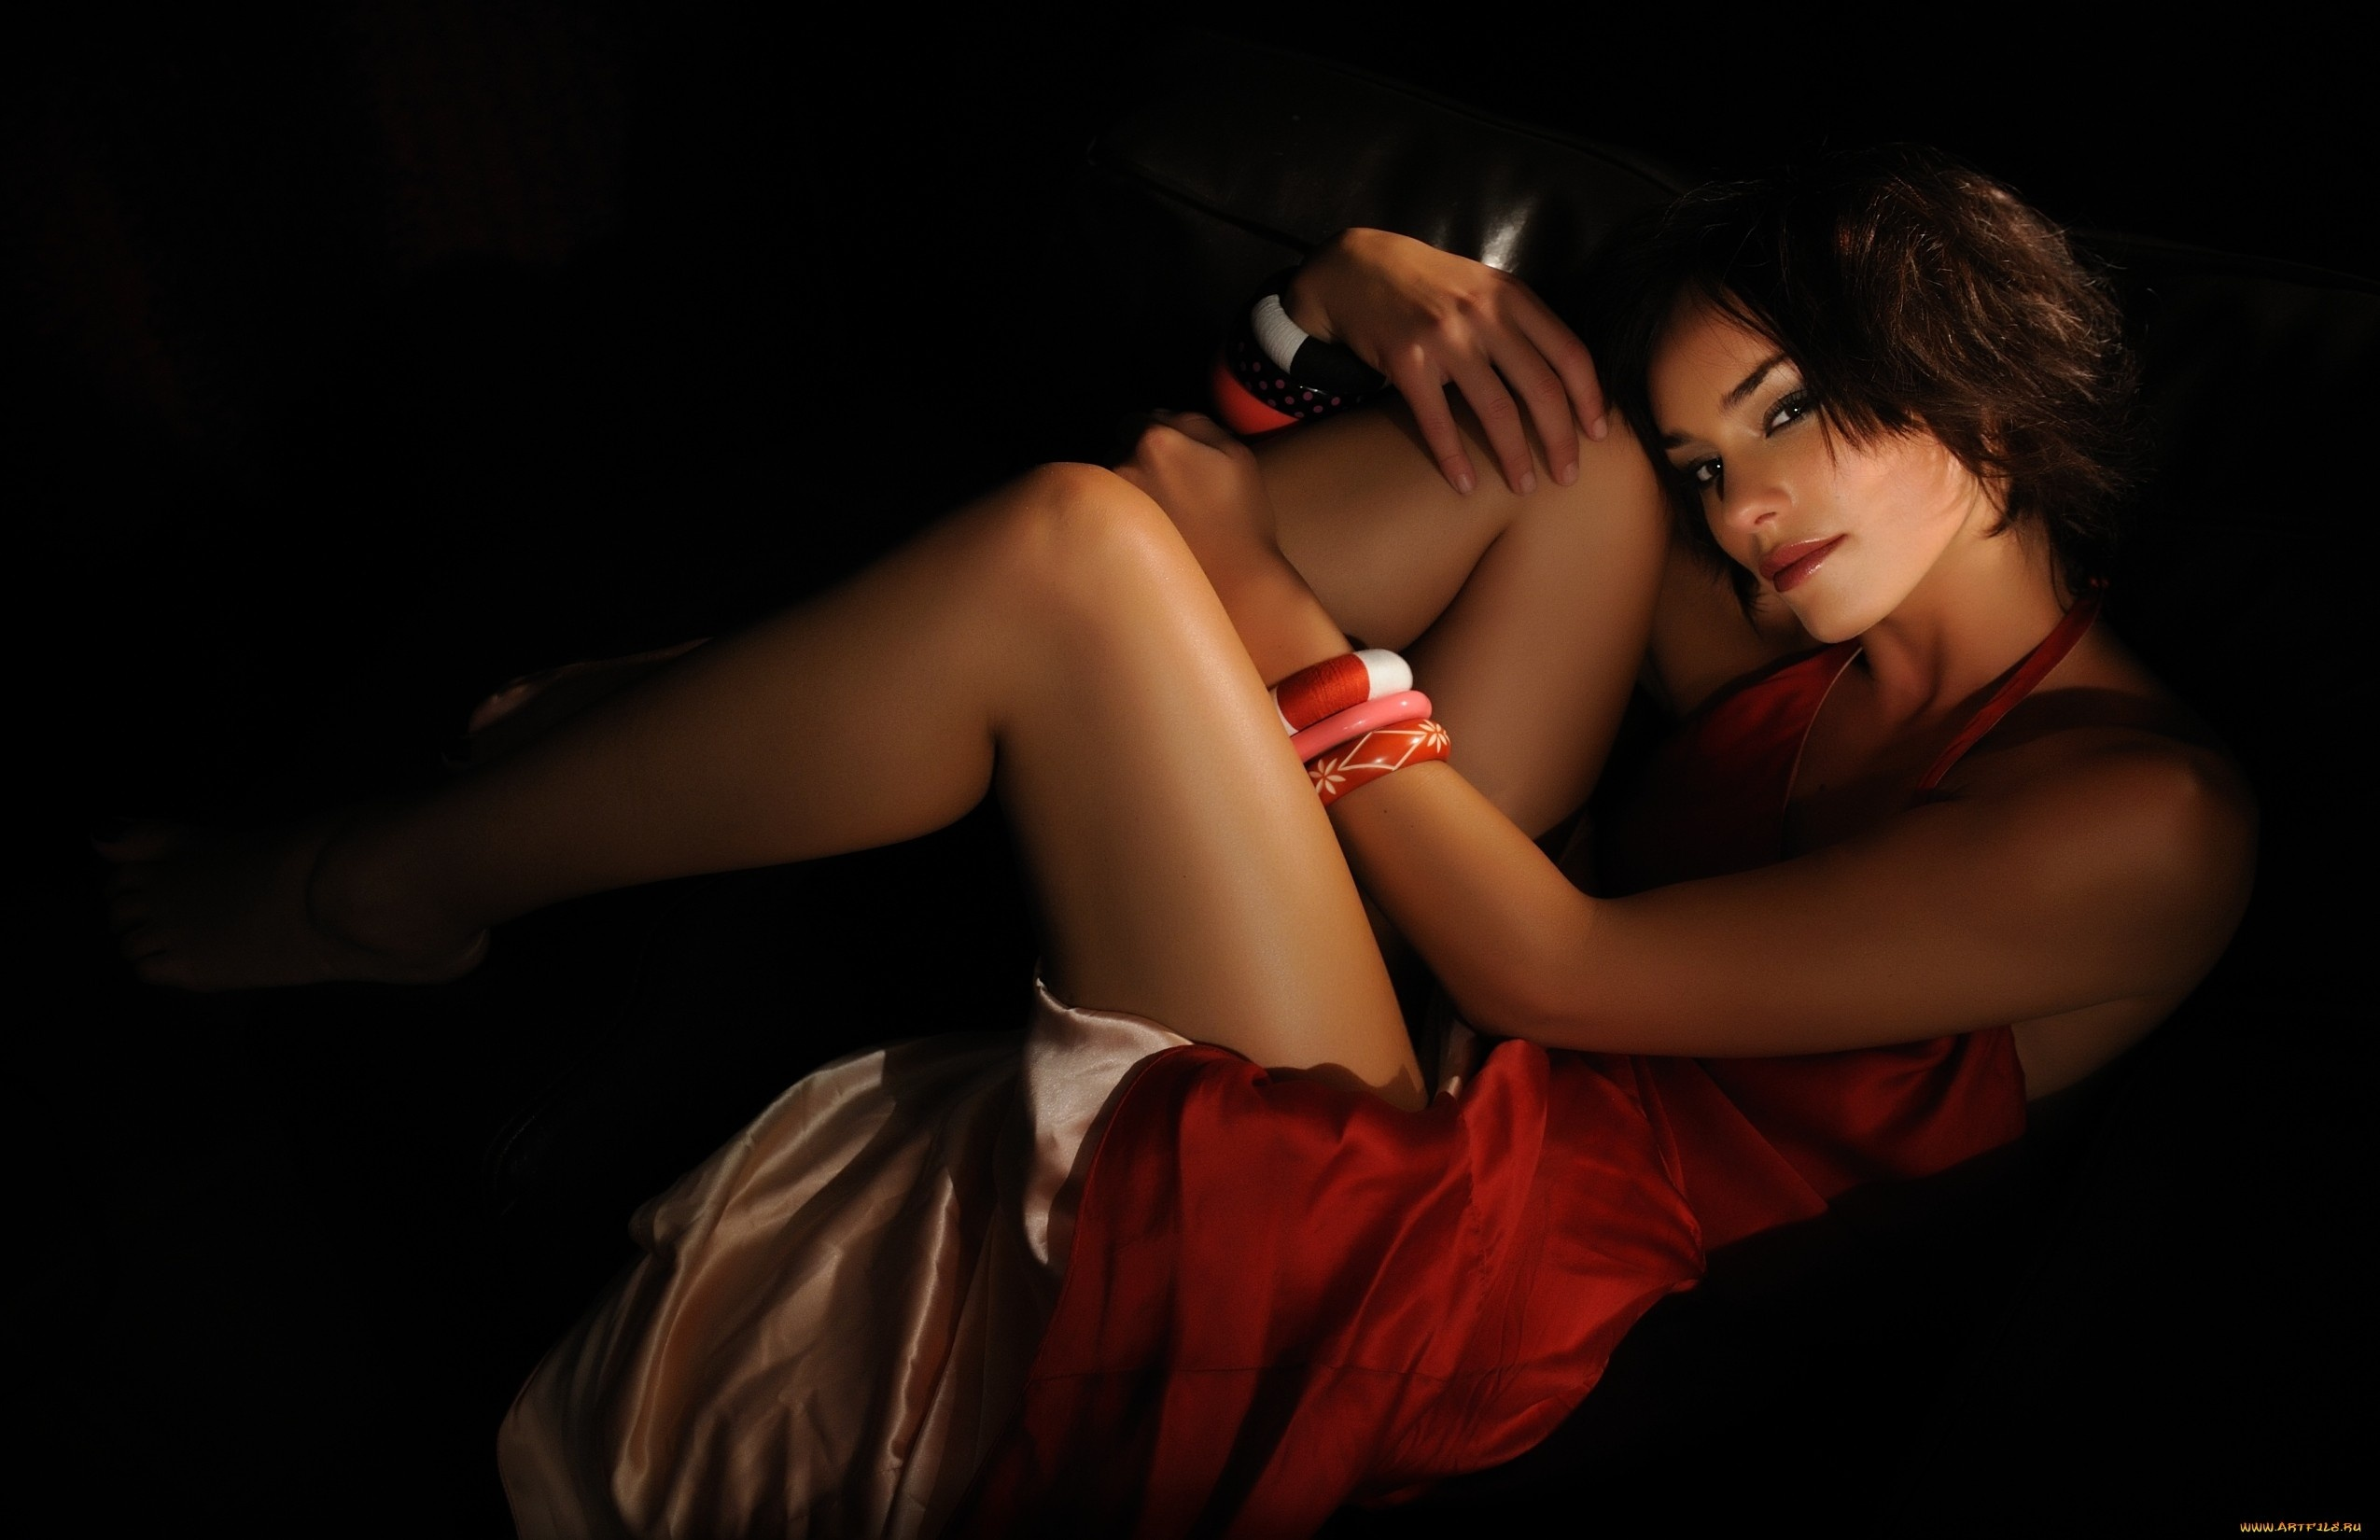 девушка в красном платье чулках эротика фото